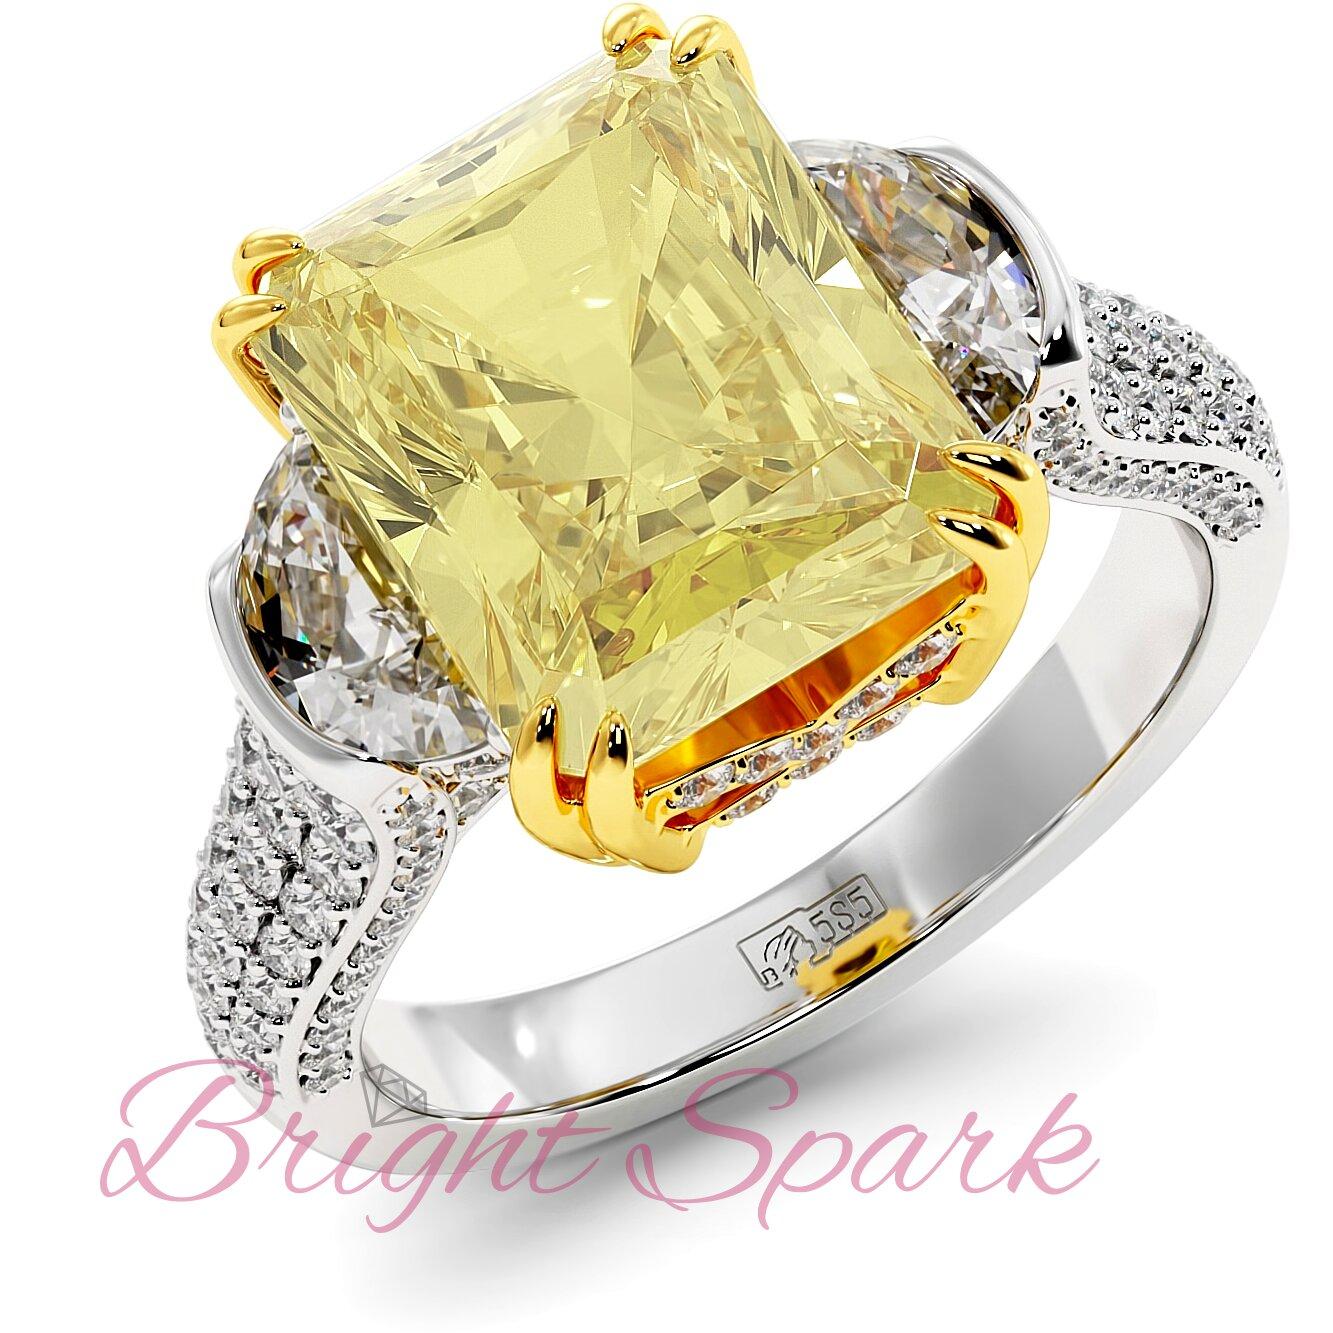 Роскошное золотое кольцо с крупным желтым муассанитом Moon 5 карат